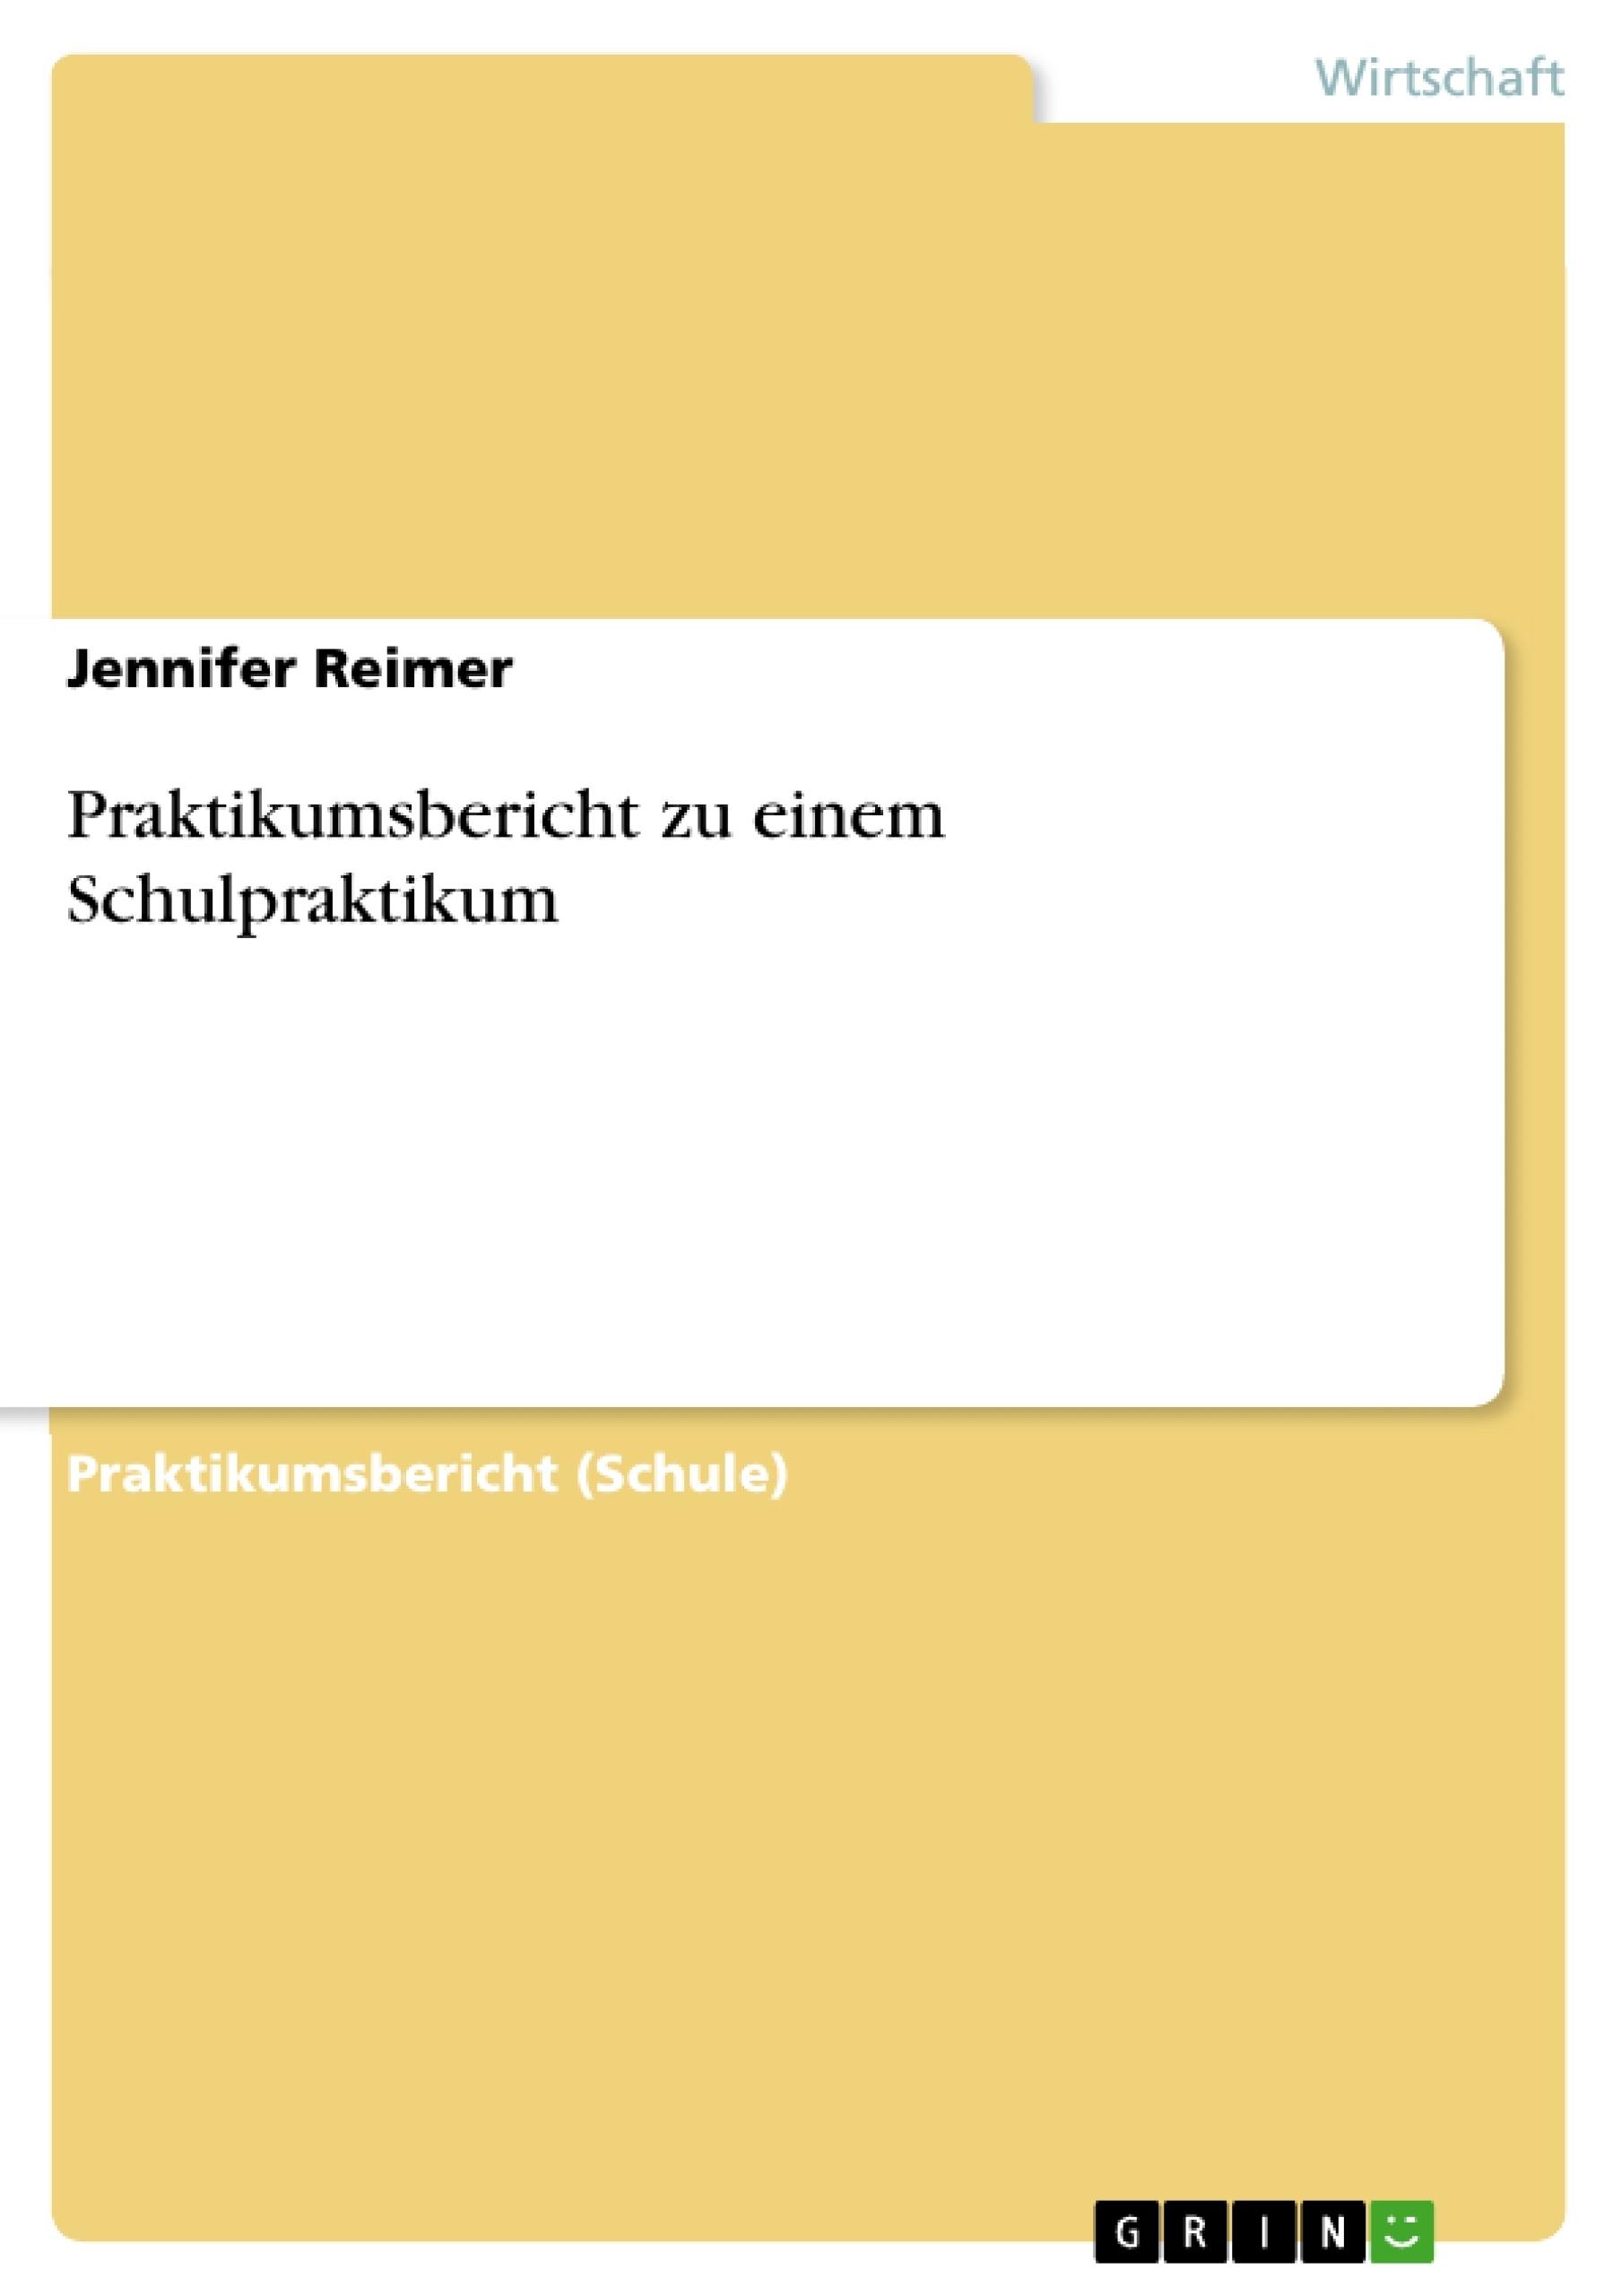 Titel: Praktikumsbericht zu einem Schulpraktikum